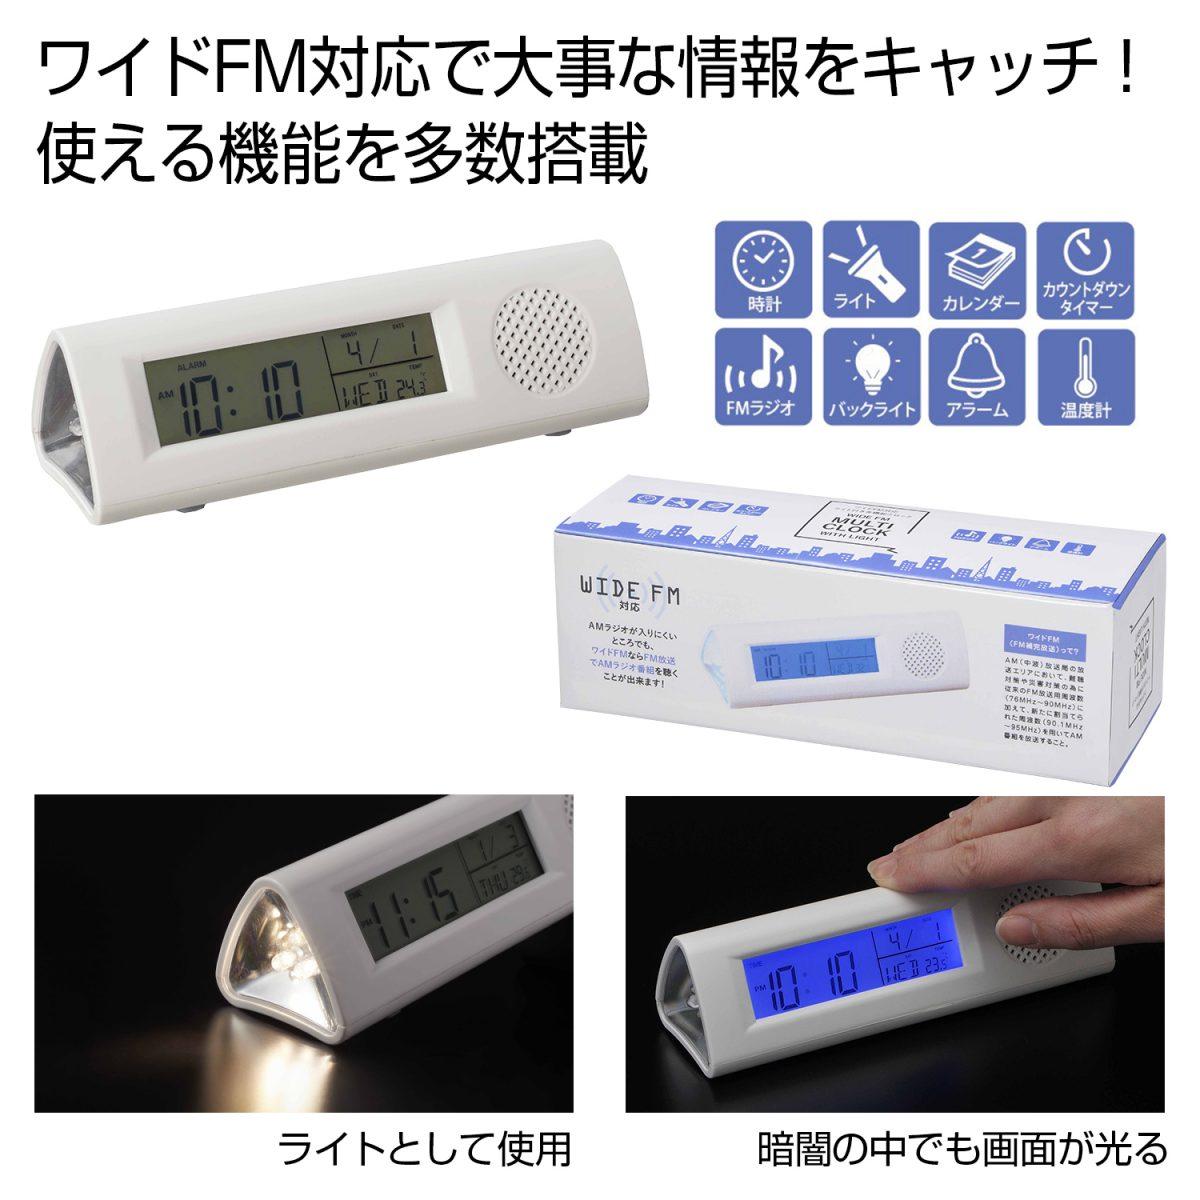 ワイドFM対応ライト付き多機能クロック